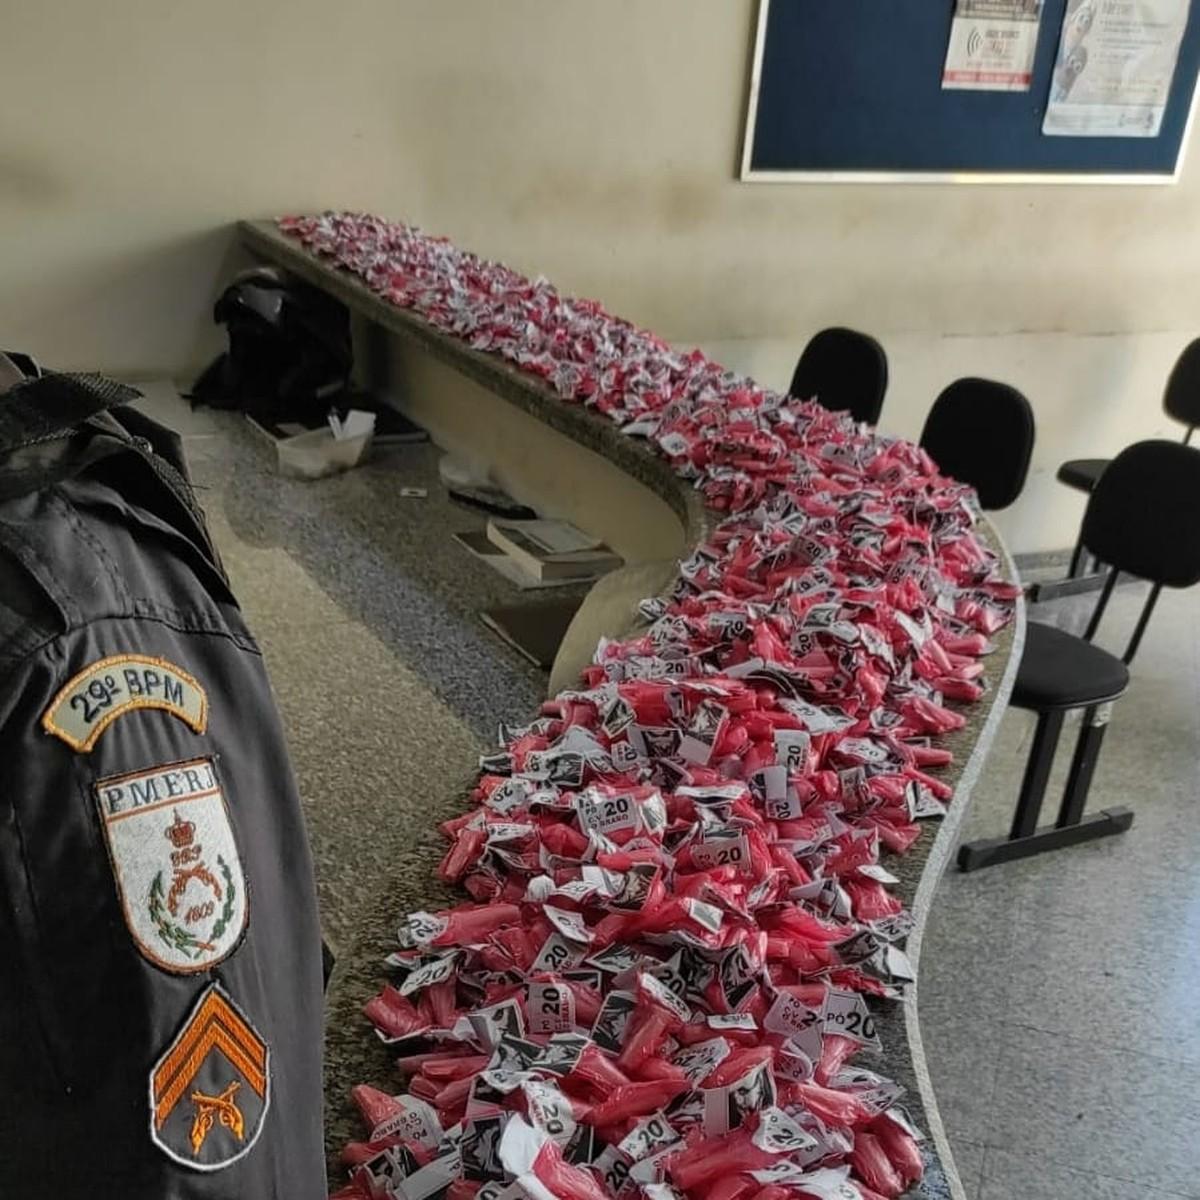 PM apreende 1.250 pinos de cocaína em comunidade de Itaperuna, no RJ